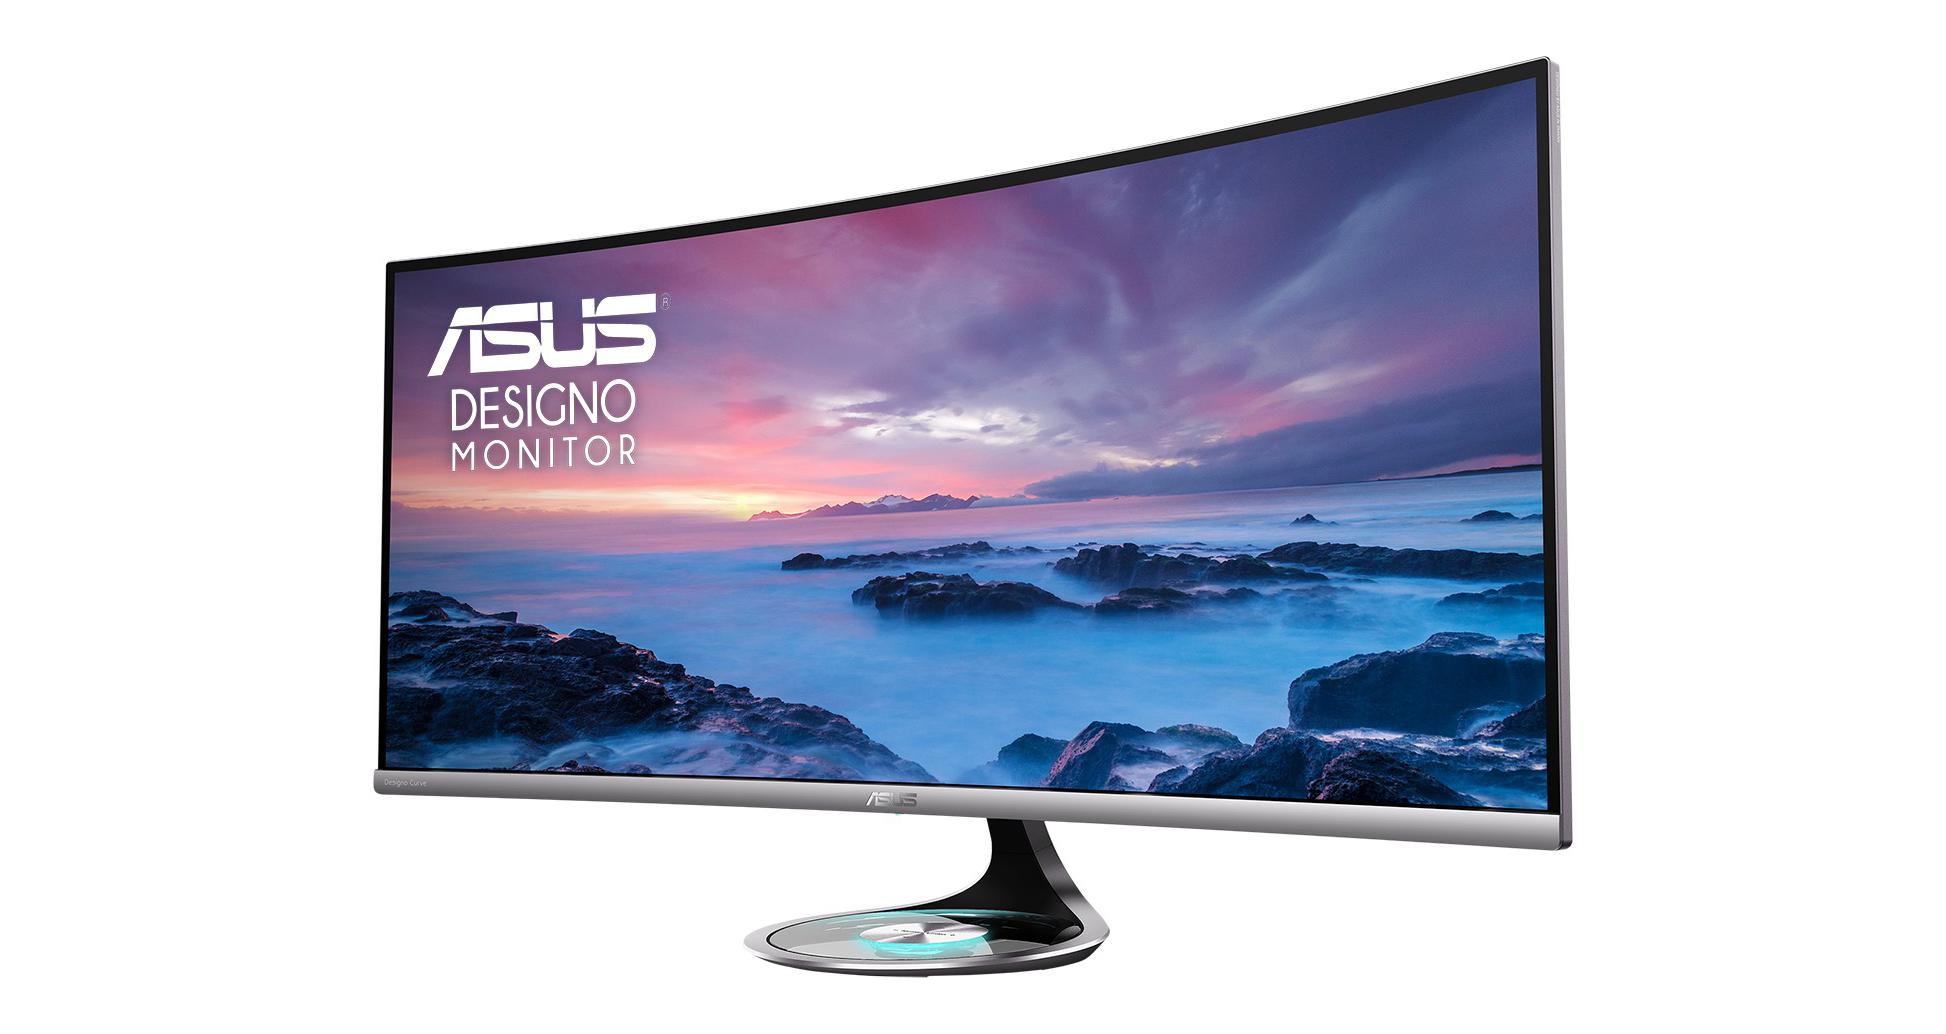 Asus Presenta Nuevos Monitores Curvos Designo Curve Mx38vc